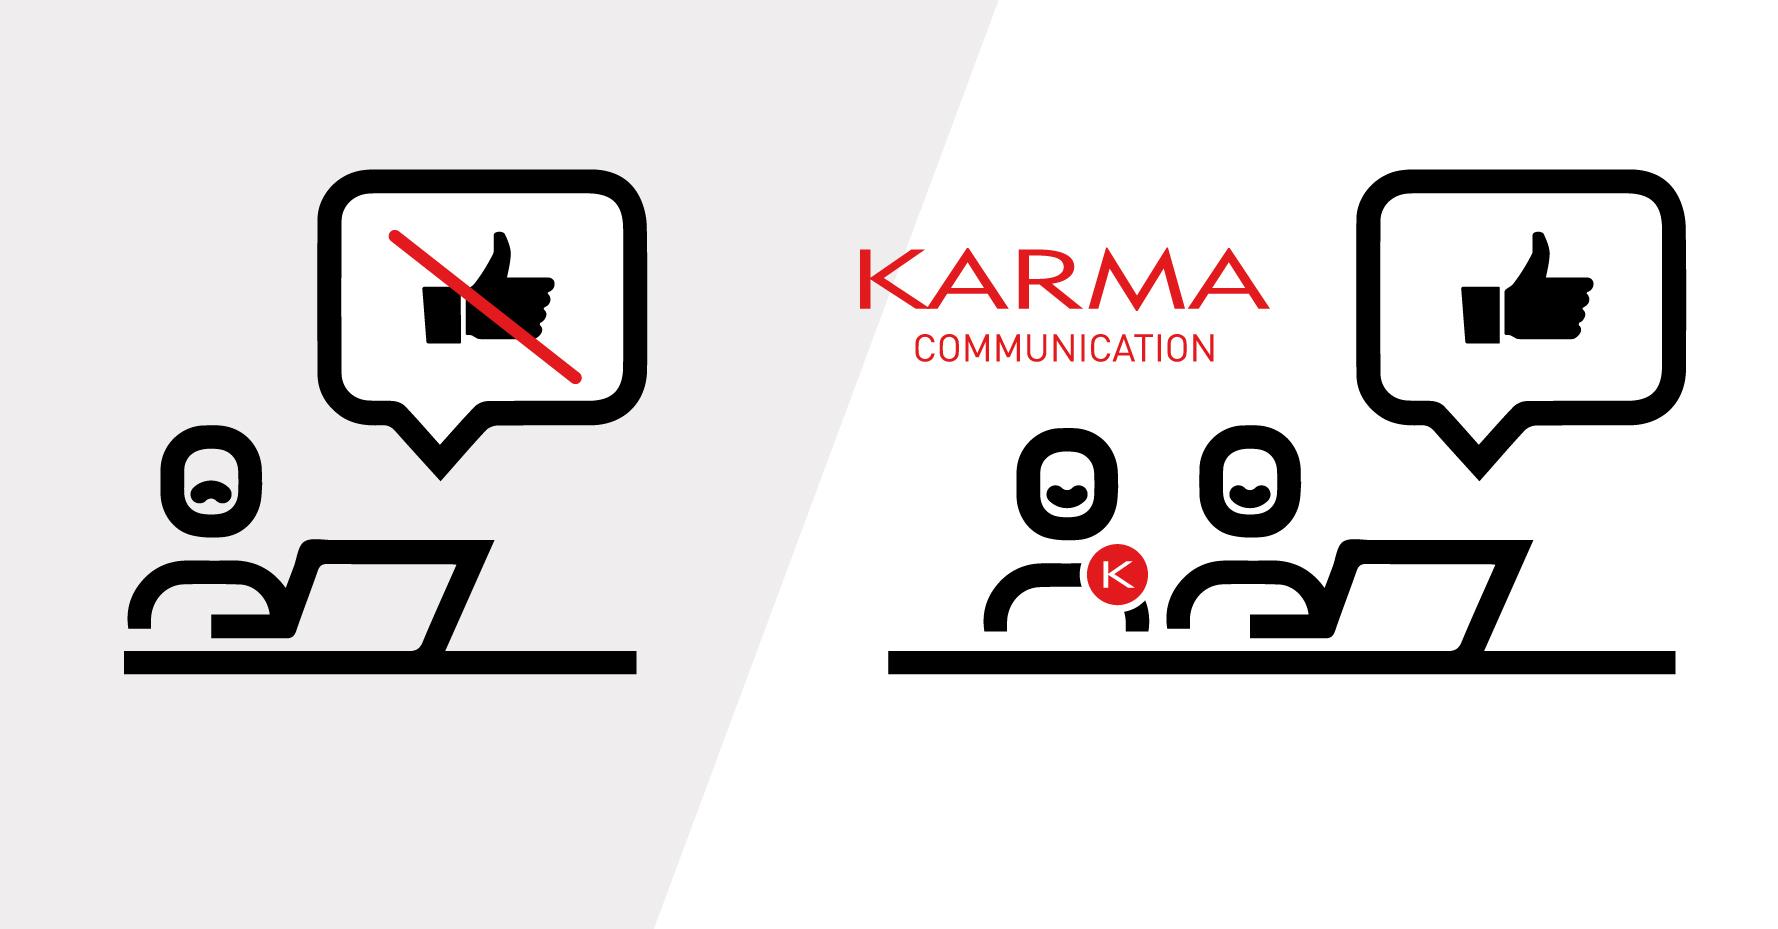 Karma Communication - Cambiamenti di Fb